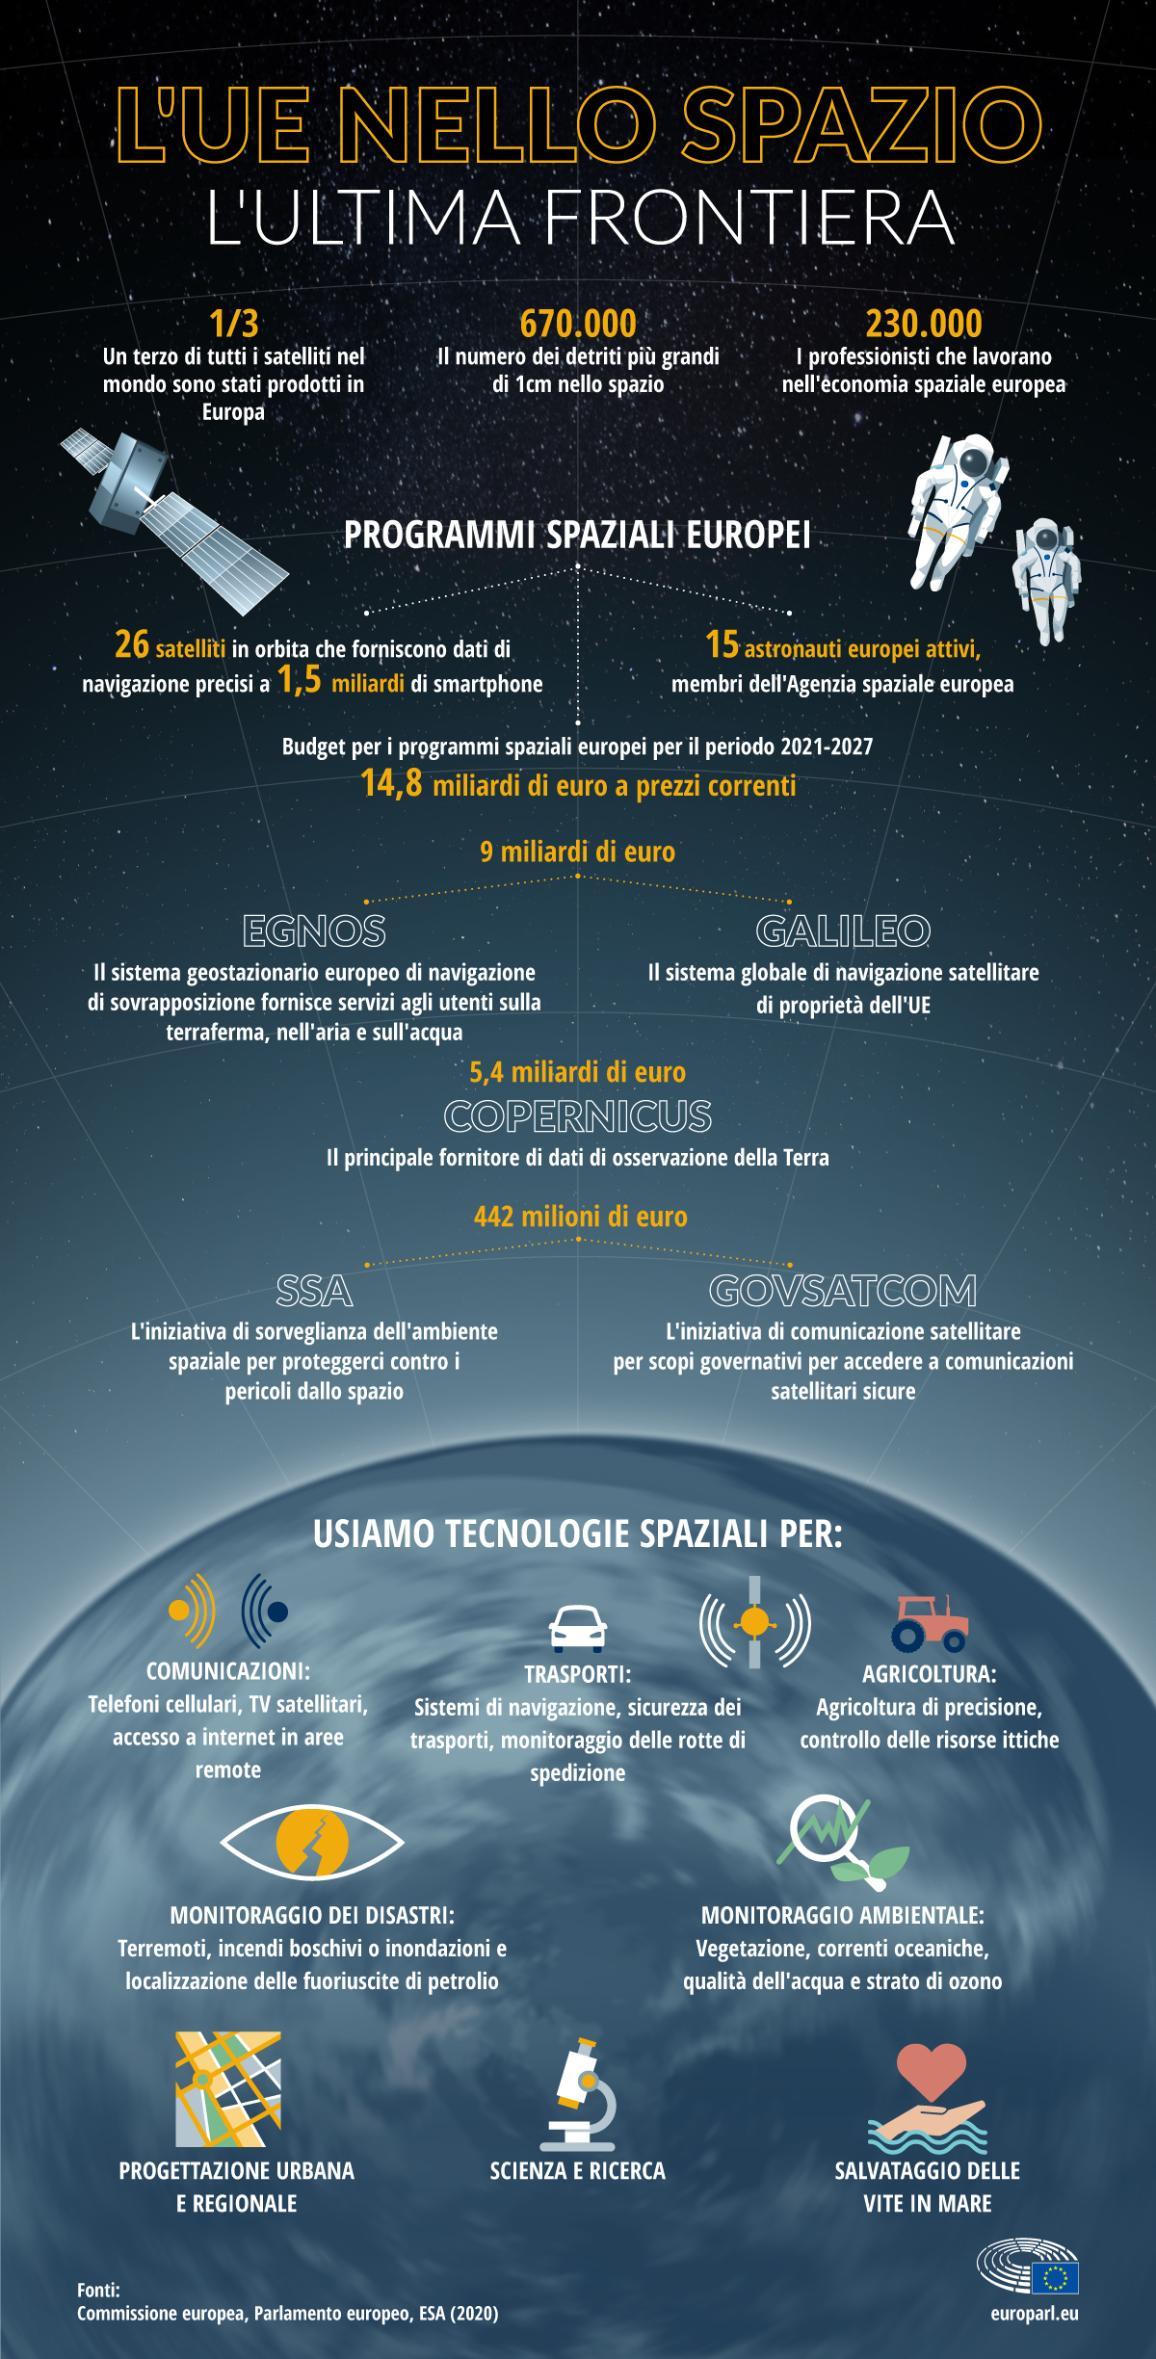 L'inforgrafica mostra come e quanto l'Europa è impegnata nel settore spaziale, i programmi attivi e in che modo questi ultimi hanno ripercussioni nella vita di tutti i giorni.